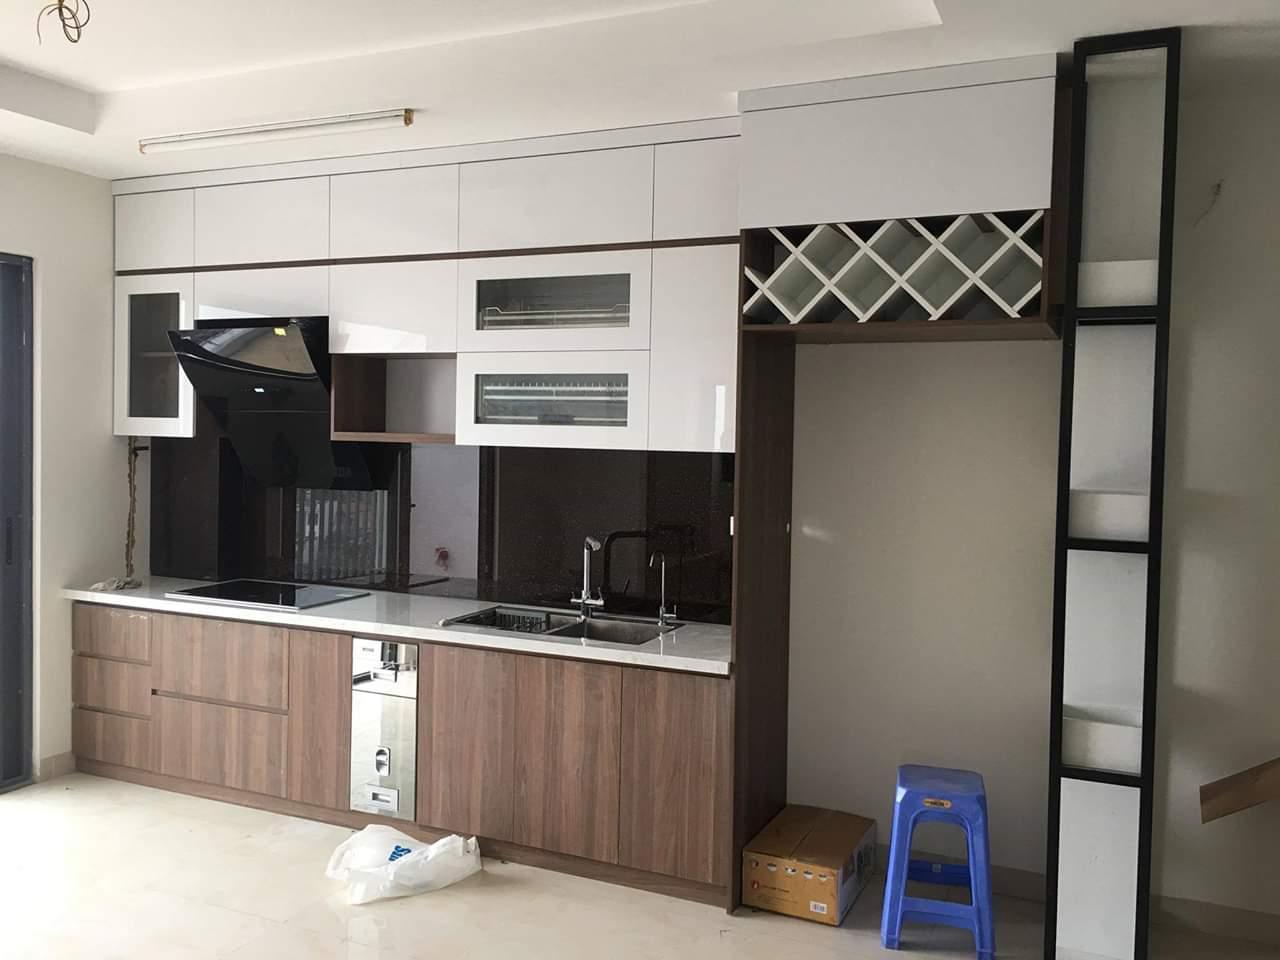 Tủ bếp Acrylic màu trắng kết hợp màu vân gỗ đẹp, sang trọng.